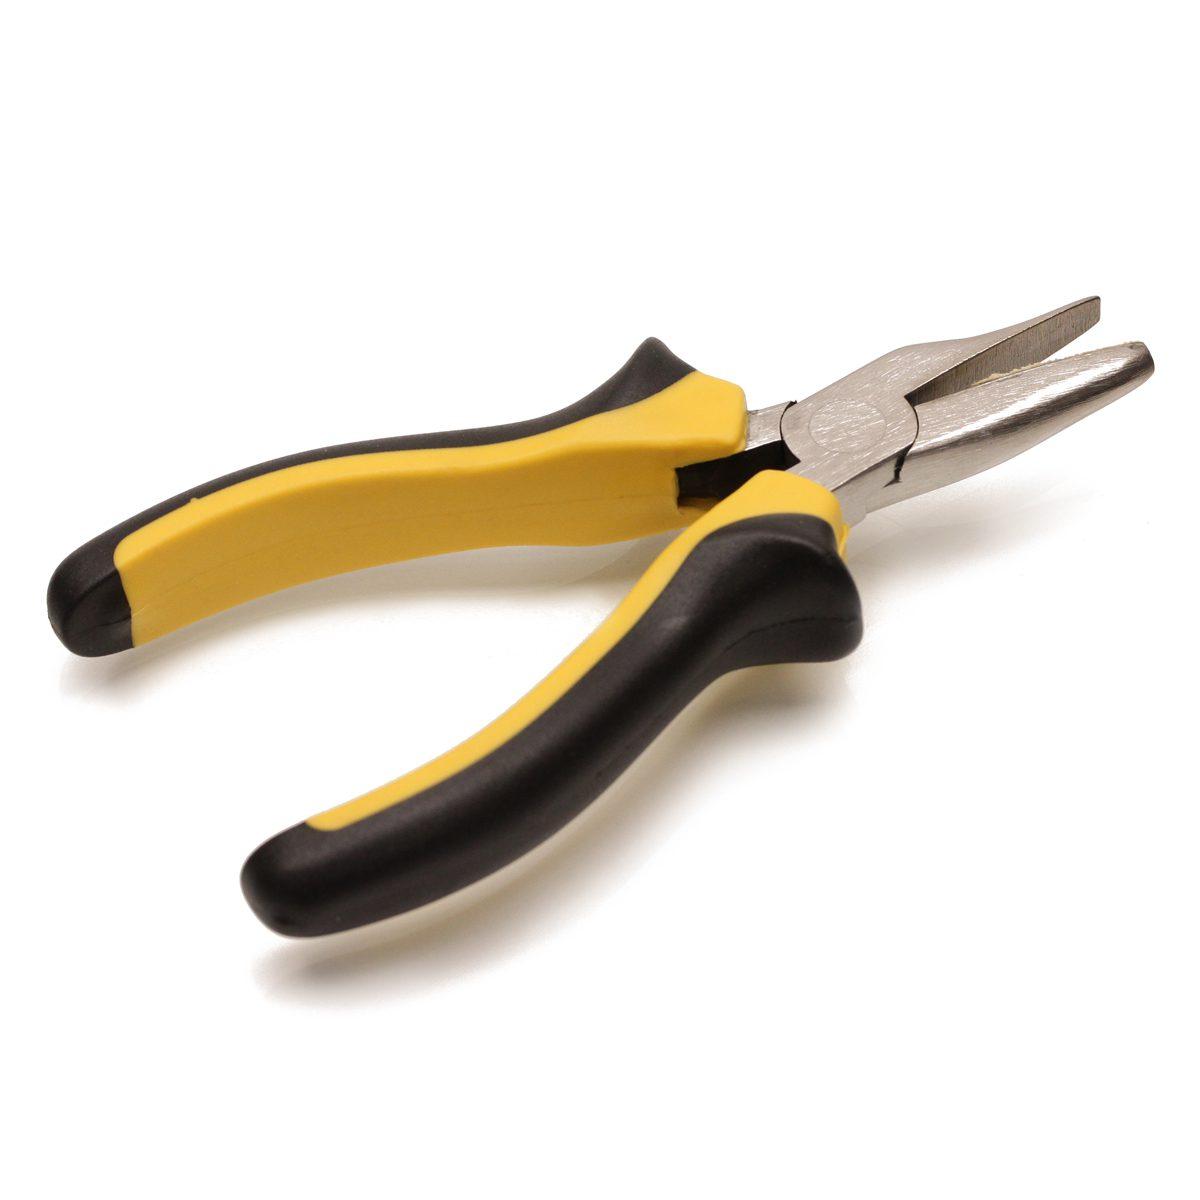 kowalski flute key foot plier 15